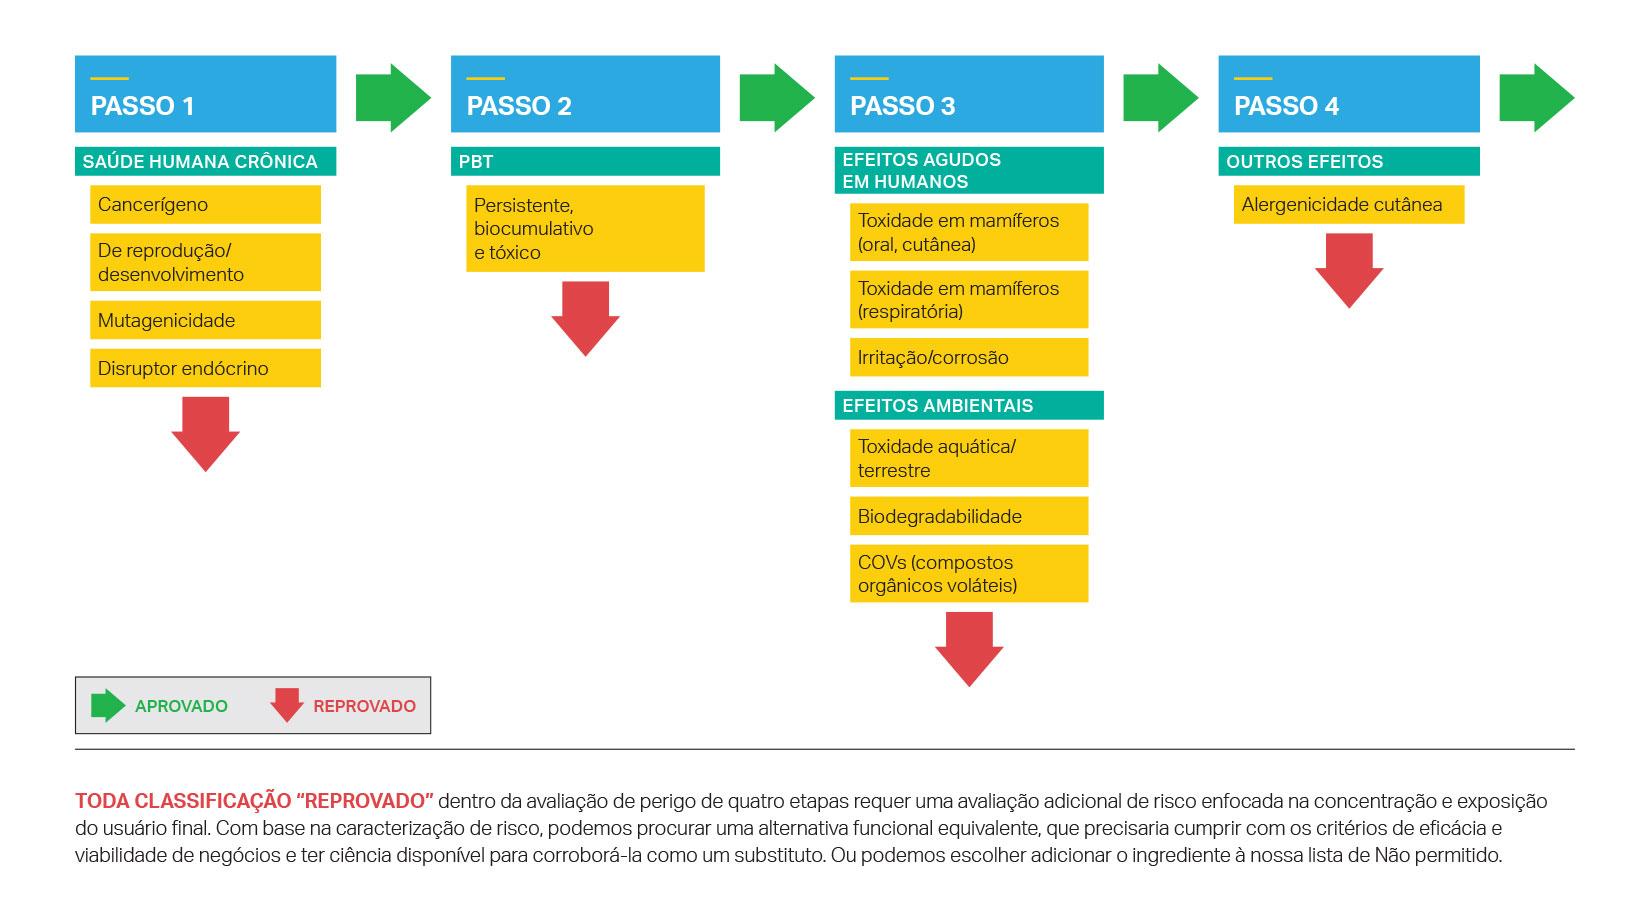 Avaliação de perigo de quatro etapas da SC Johnson para os ingredientes do produto